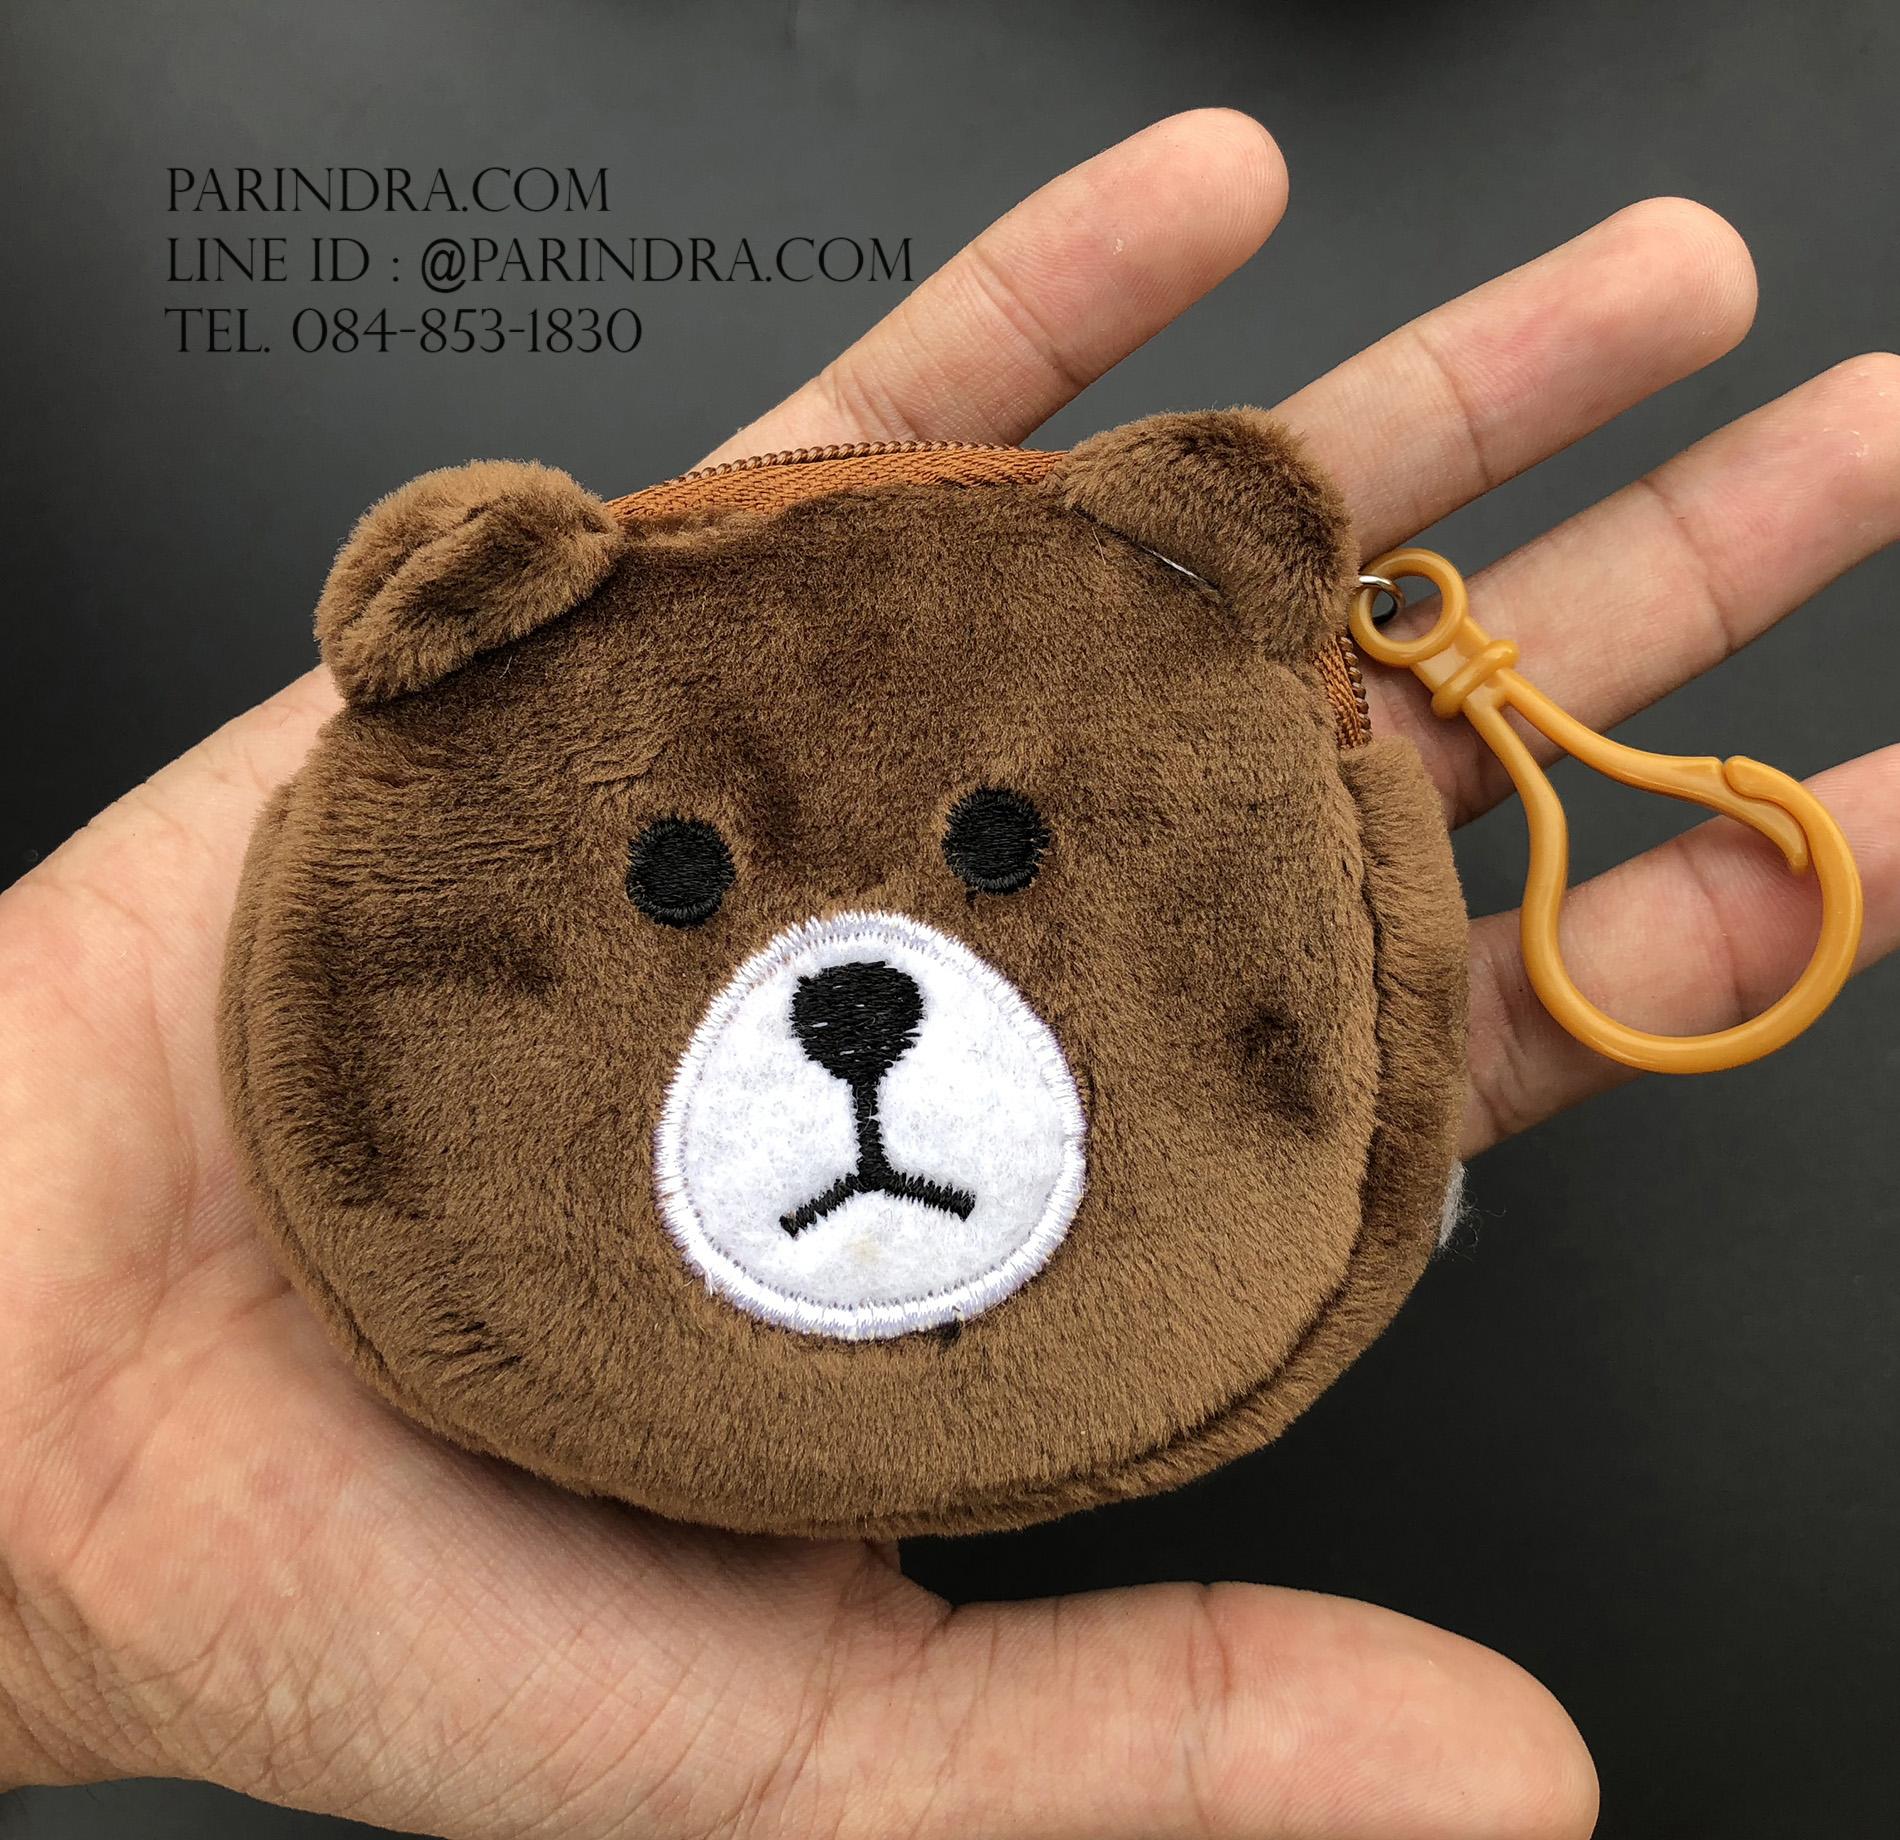 กระเป๋าใส่เหรียญ น่ารัก ขนาดเล็ก ลูกหมีสีน้ำตาล